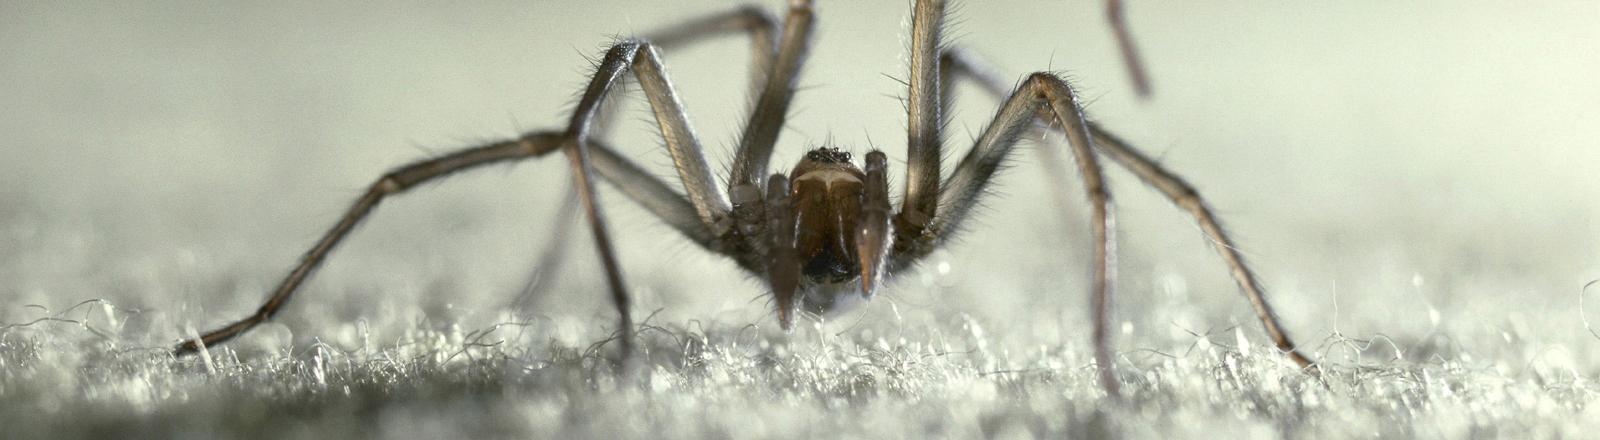 Spinne auf einem Teppich